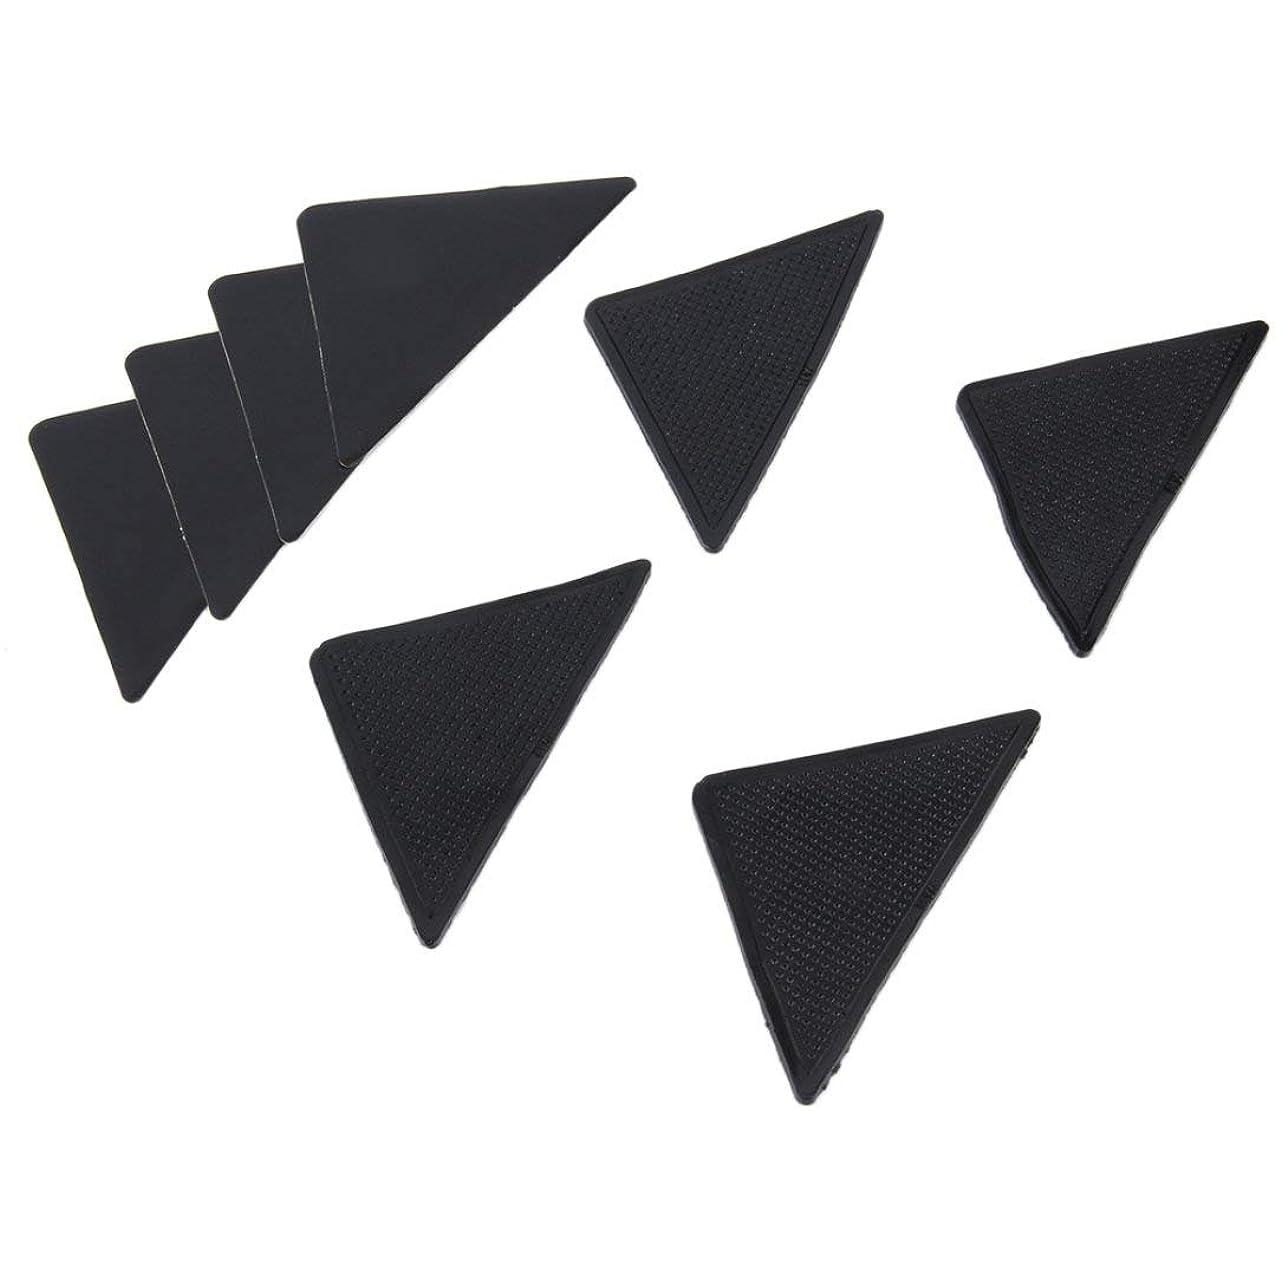 虚栄心教えテラスSwiftgood 4個の敷物のカーペットのマットのグリッパーの非スリップの反スキッドの再使用可能なシリコーンのグリップパッド